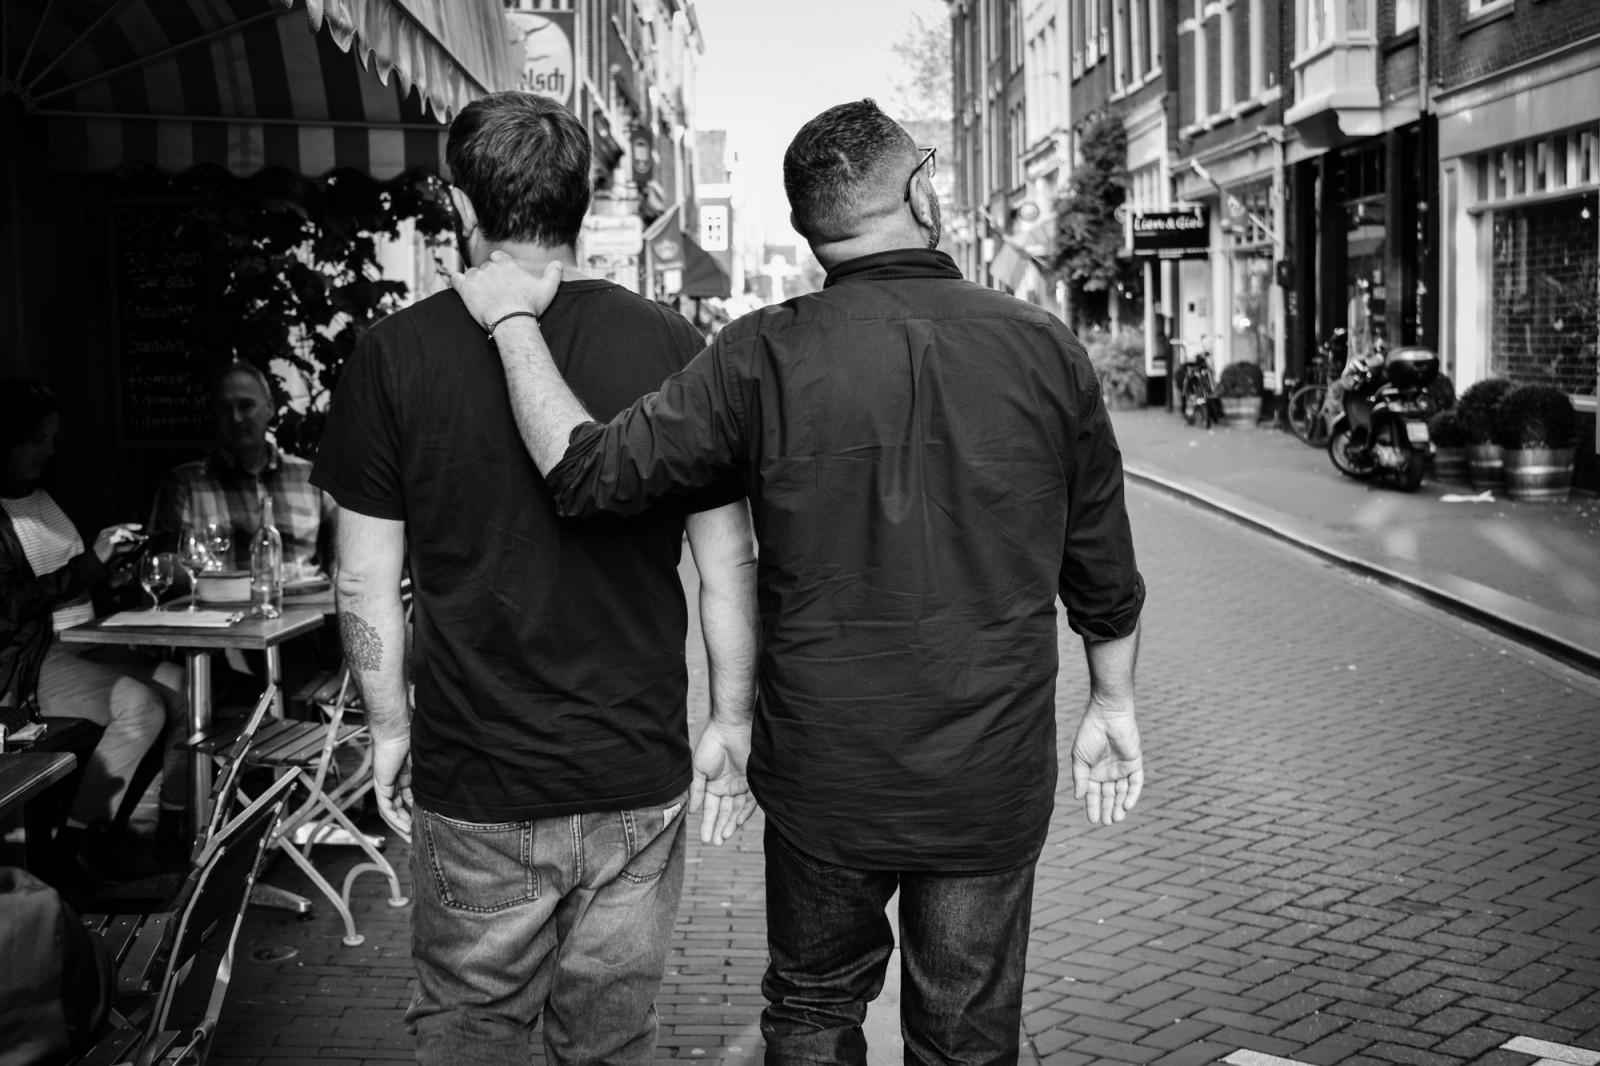 Friends walking in Amsterdam